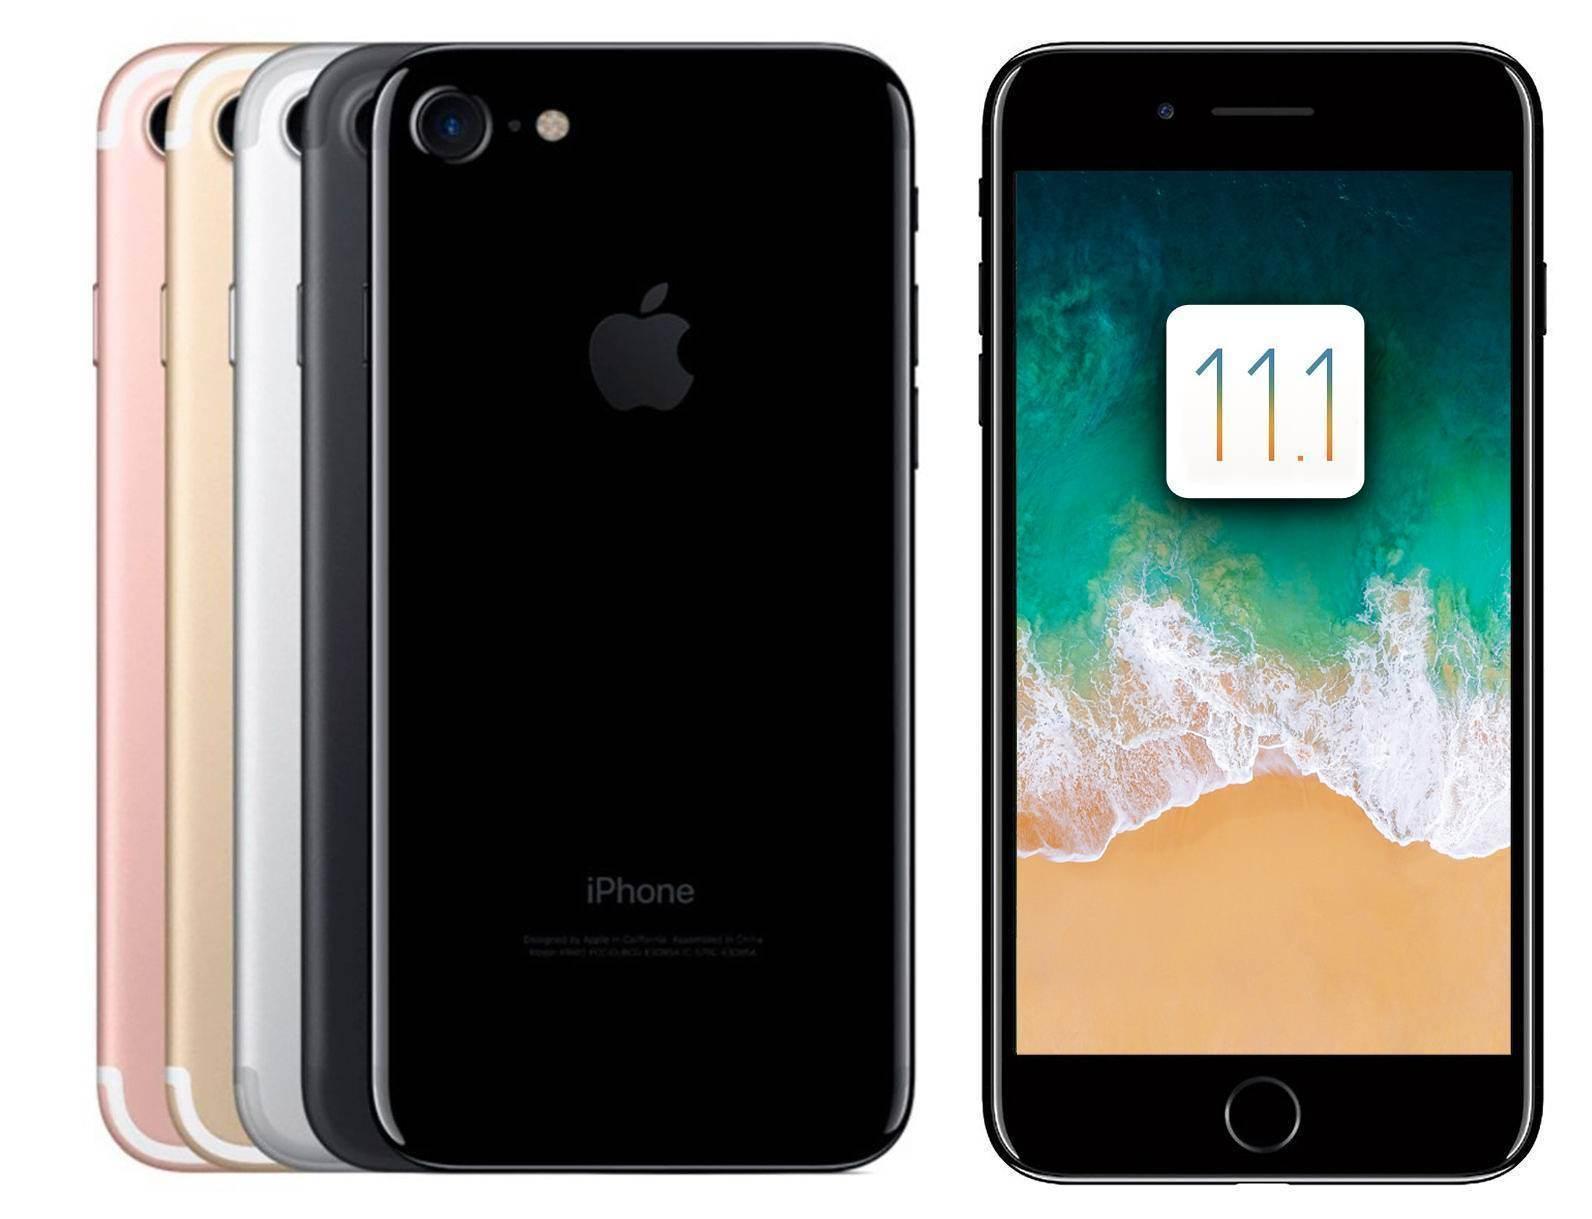 iOS 11.1 beta 2 : De nouveaux émojis arrivent ?